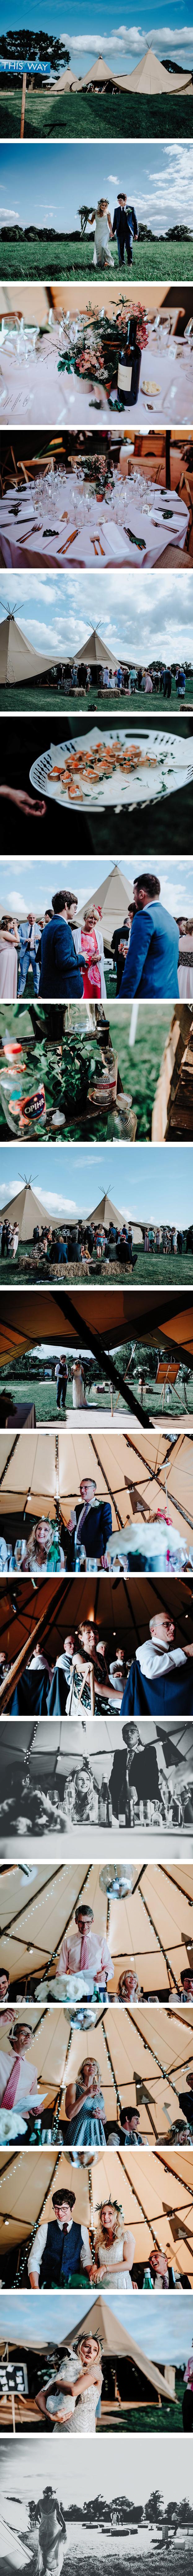 Emma & James's PapaKåta Teepee Wedding